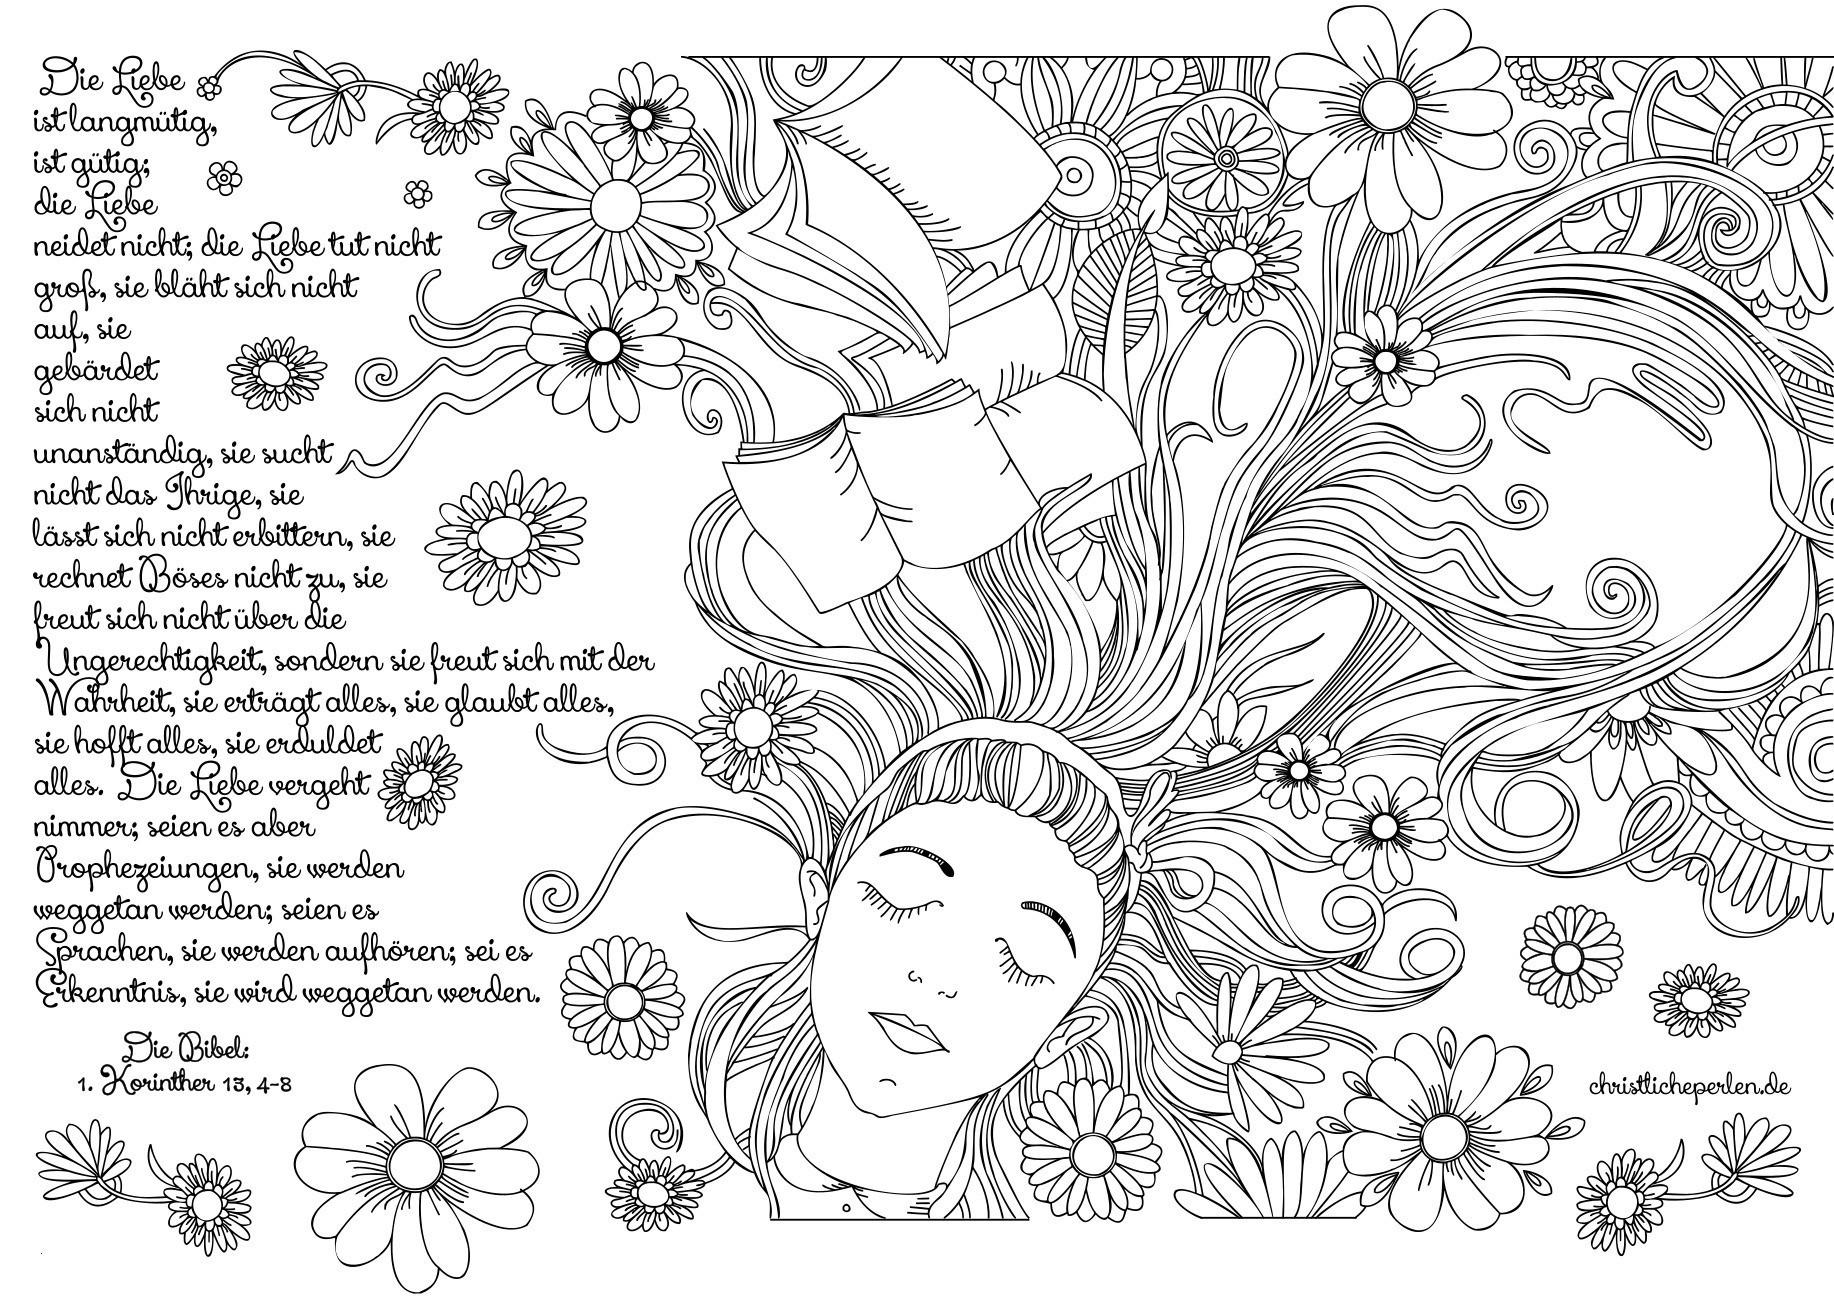 Ausmalbilder Von Violetta Frisch Ausmalbilder Von Violetta Frisch Malvorlagen Igel Inspirierend Igel Galerie